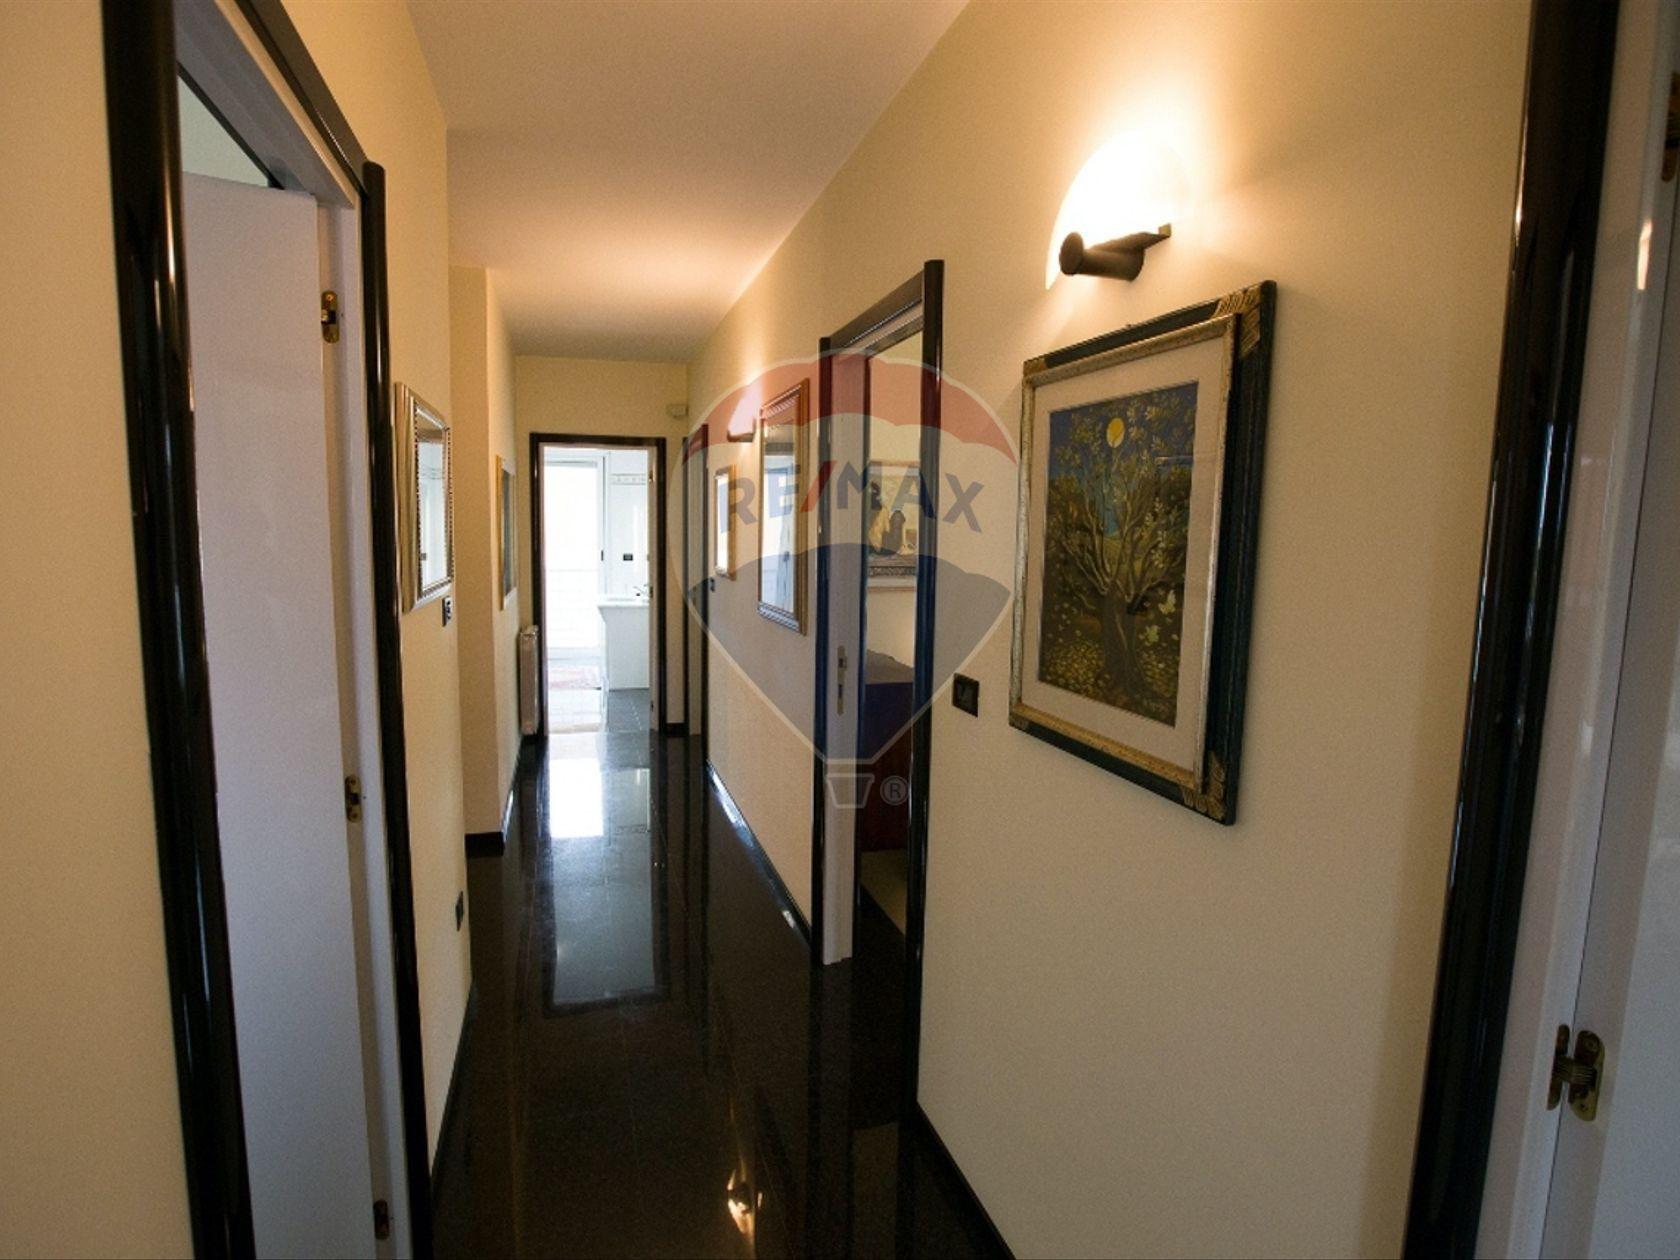 Villa singola Pescara-colle Del Telegrafo, Pescara, PE Vendita - Foto 15